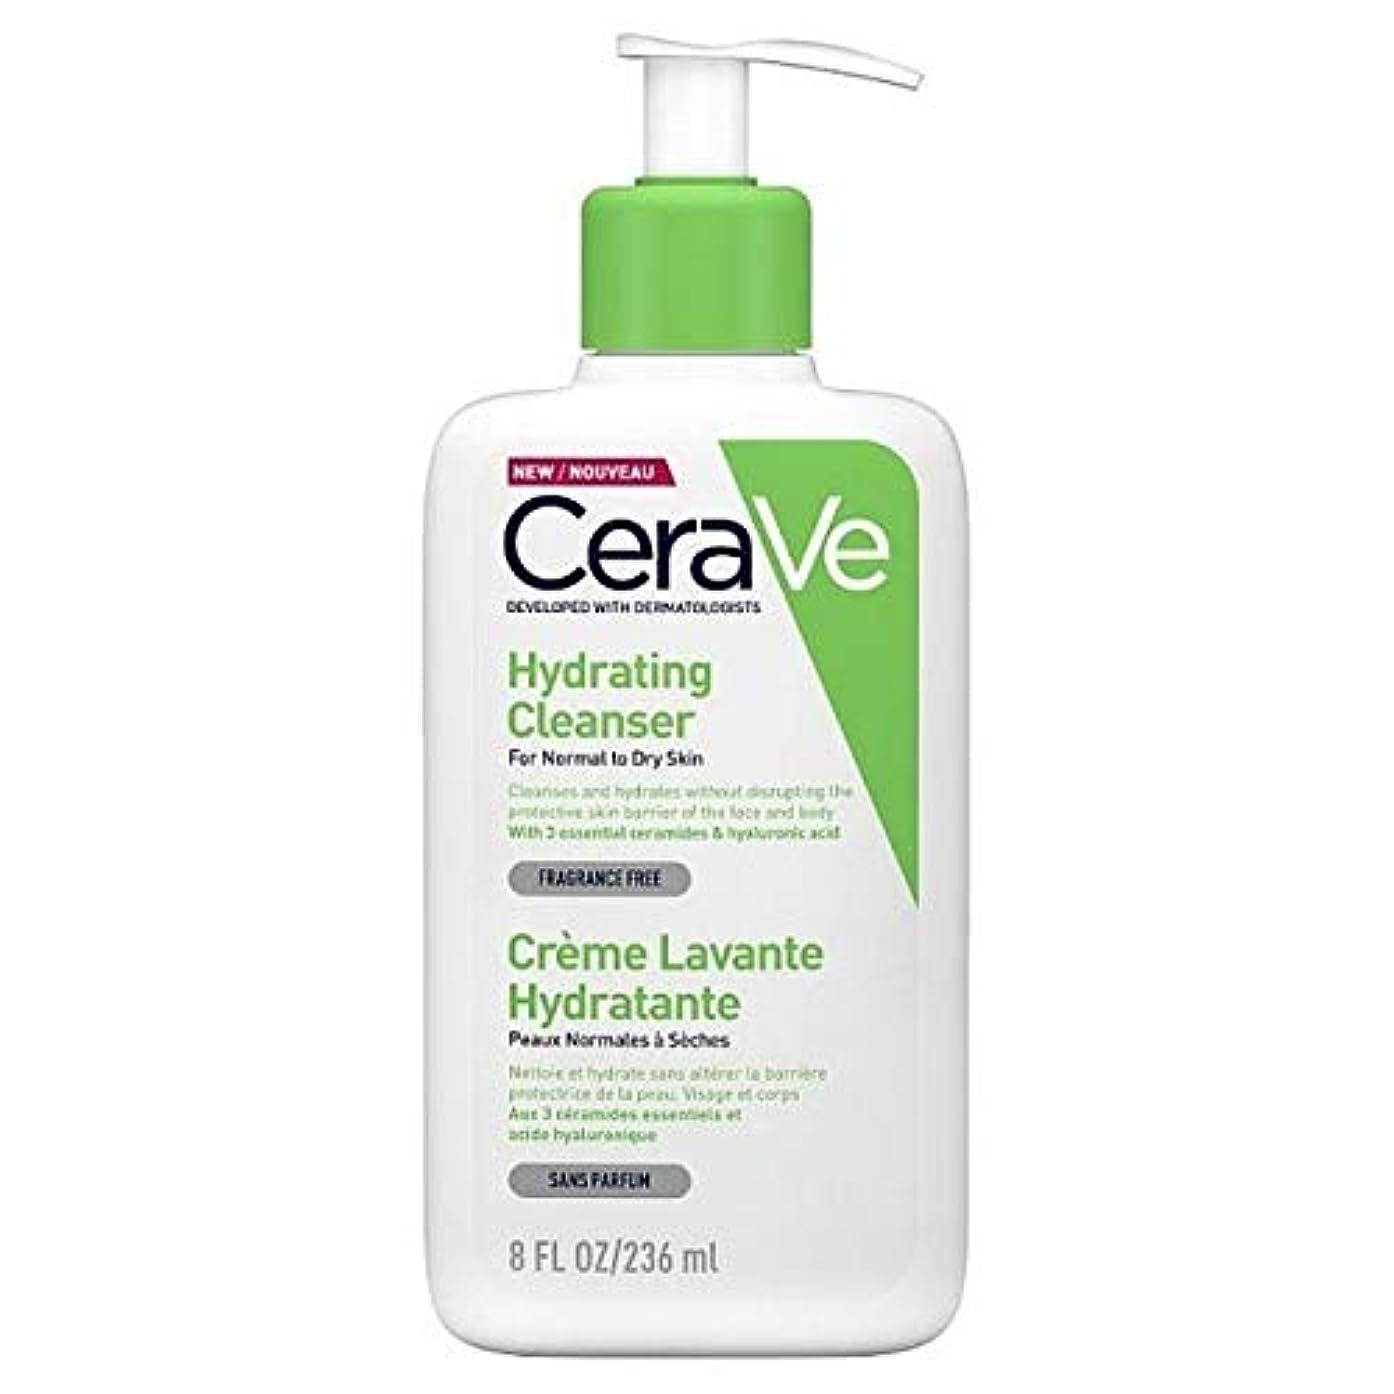 適応する夜犯罪[CeraVe] Cerave水和クレンザー236ミリリットル - CeraVe Hydrating Cleanser 236ml [並行輸入品]